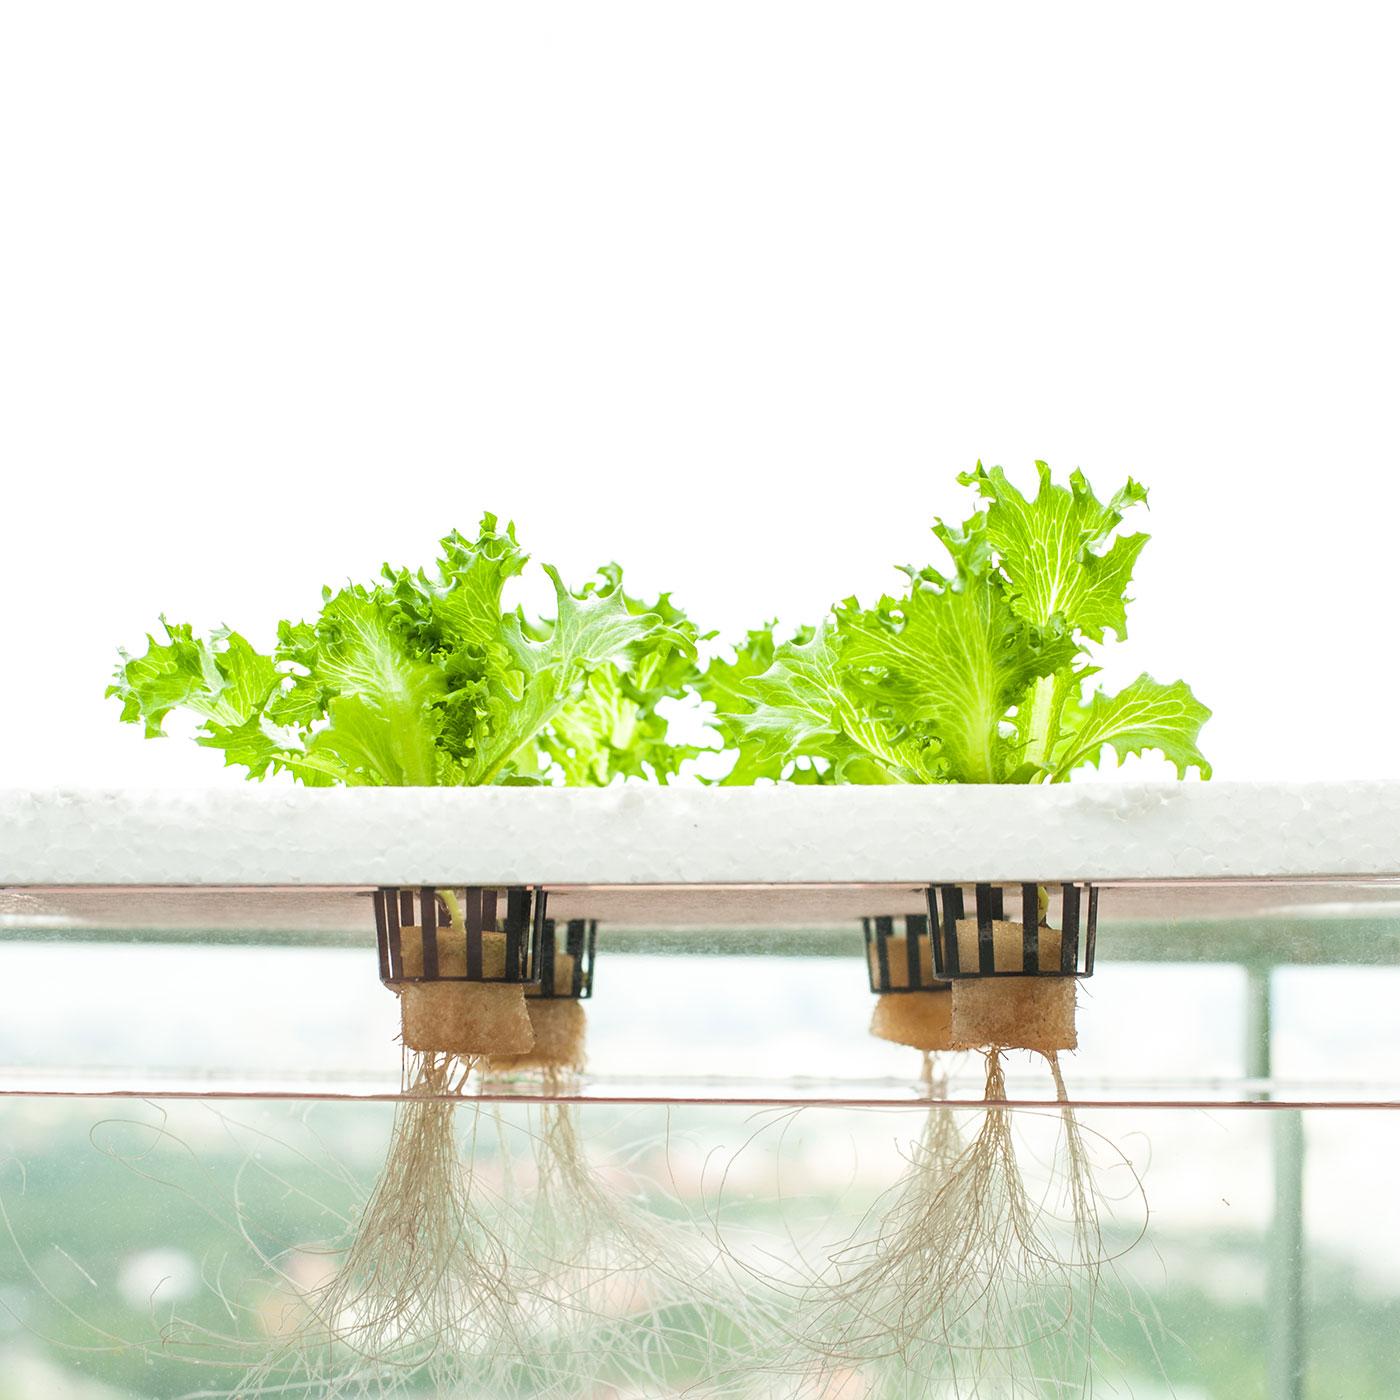 Foto af salat, der vokser uden jord, hvor man ser rødderne stikke ud i luften